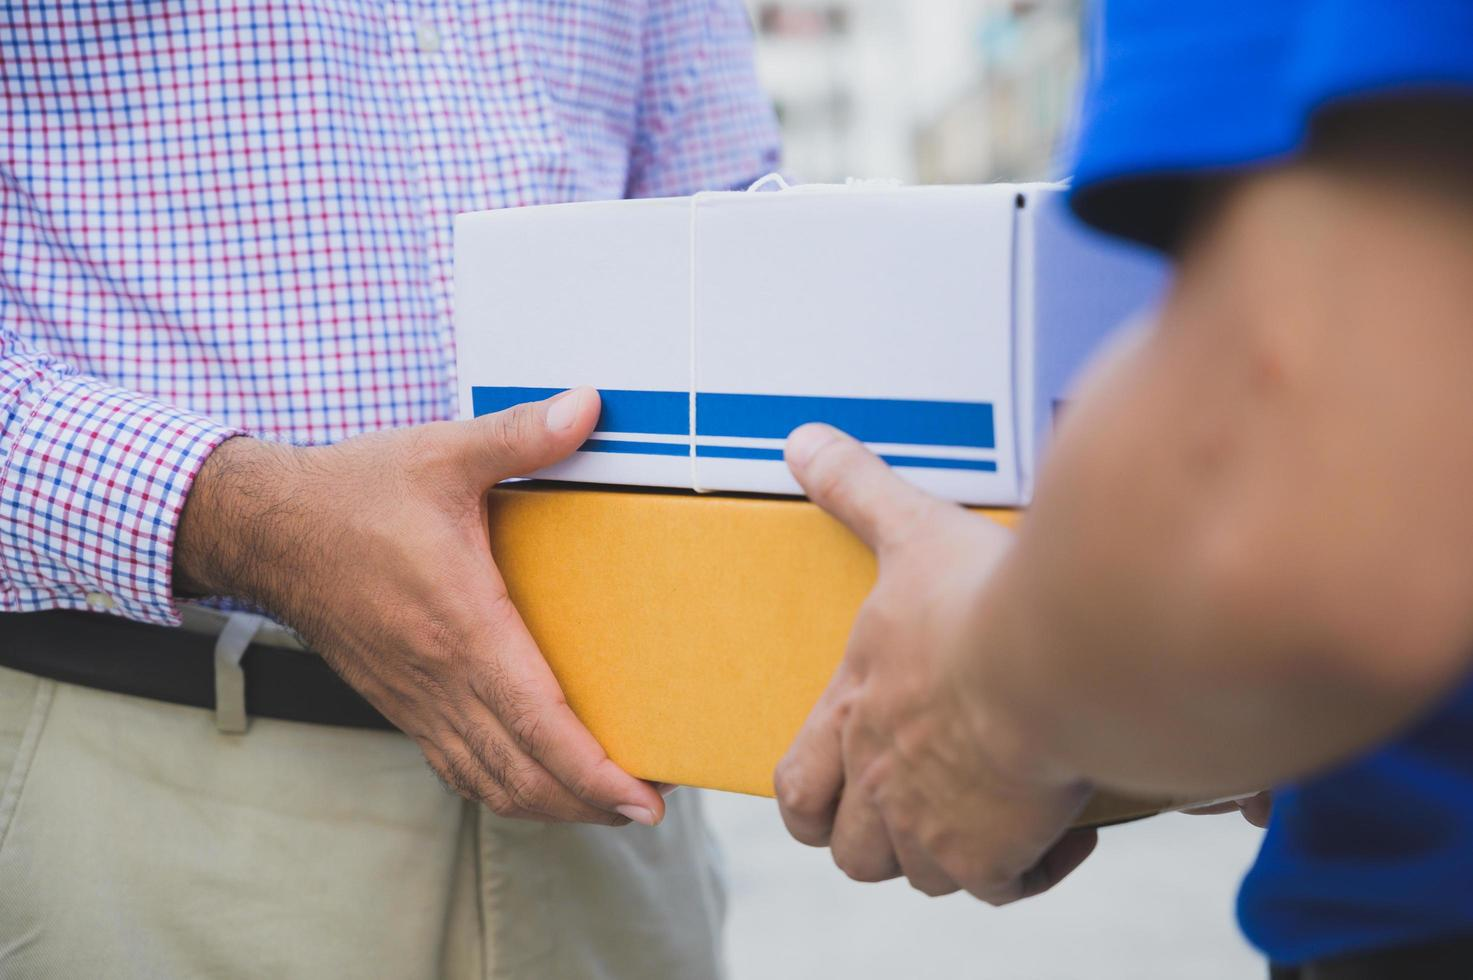 homme d & # 39; affaires acceptant les colis de livraison photo